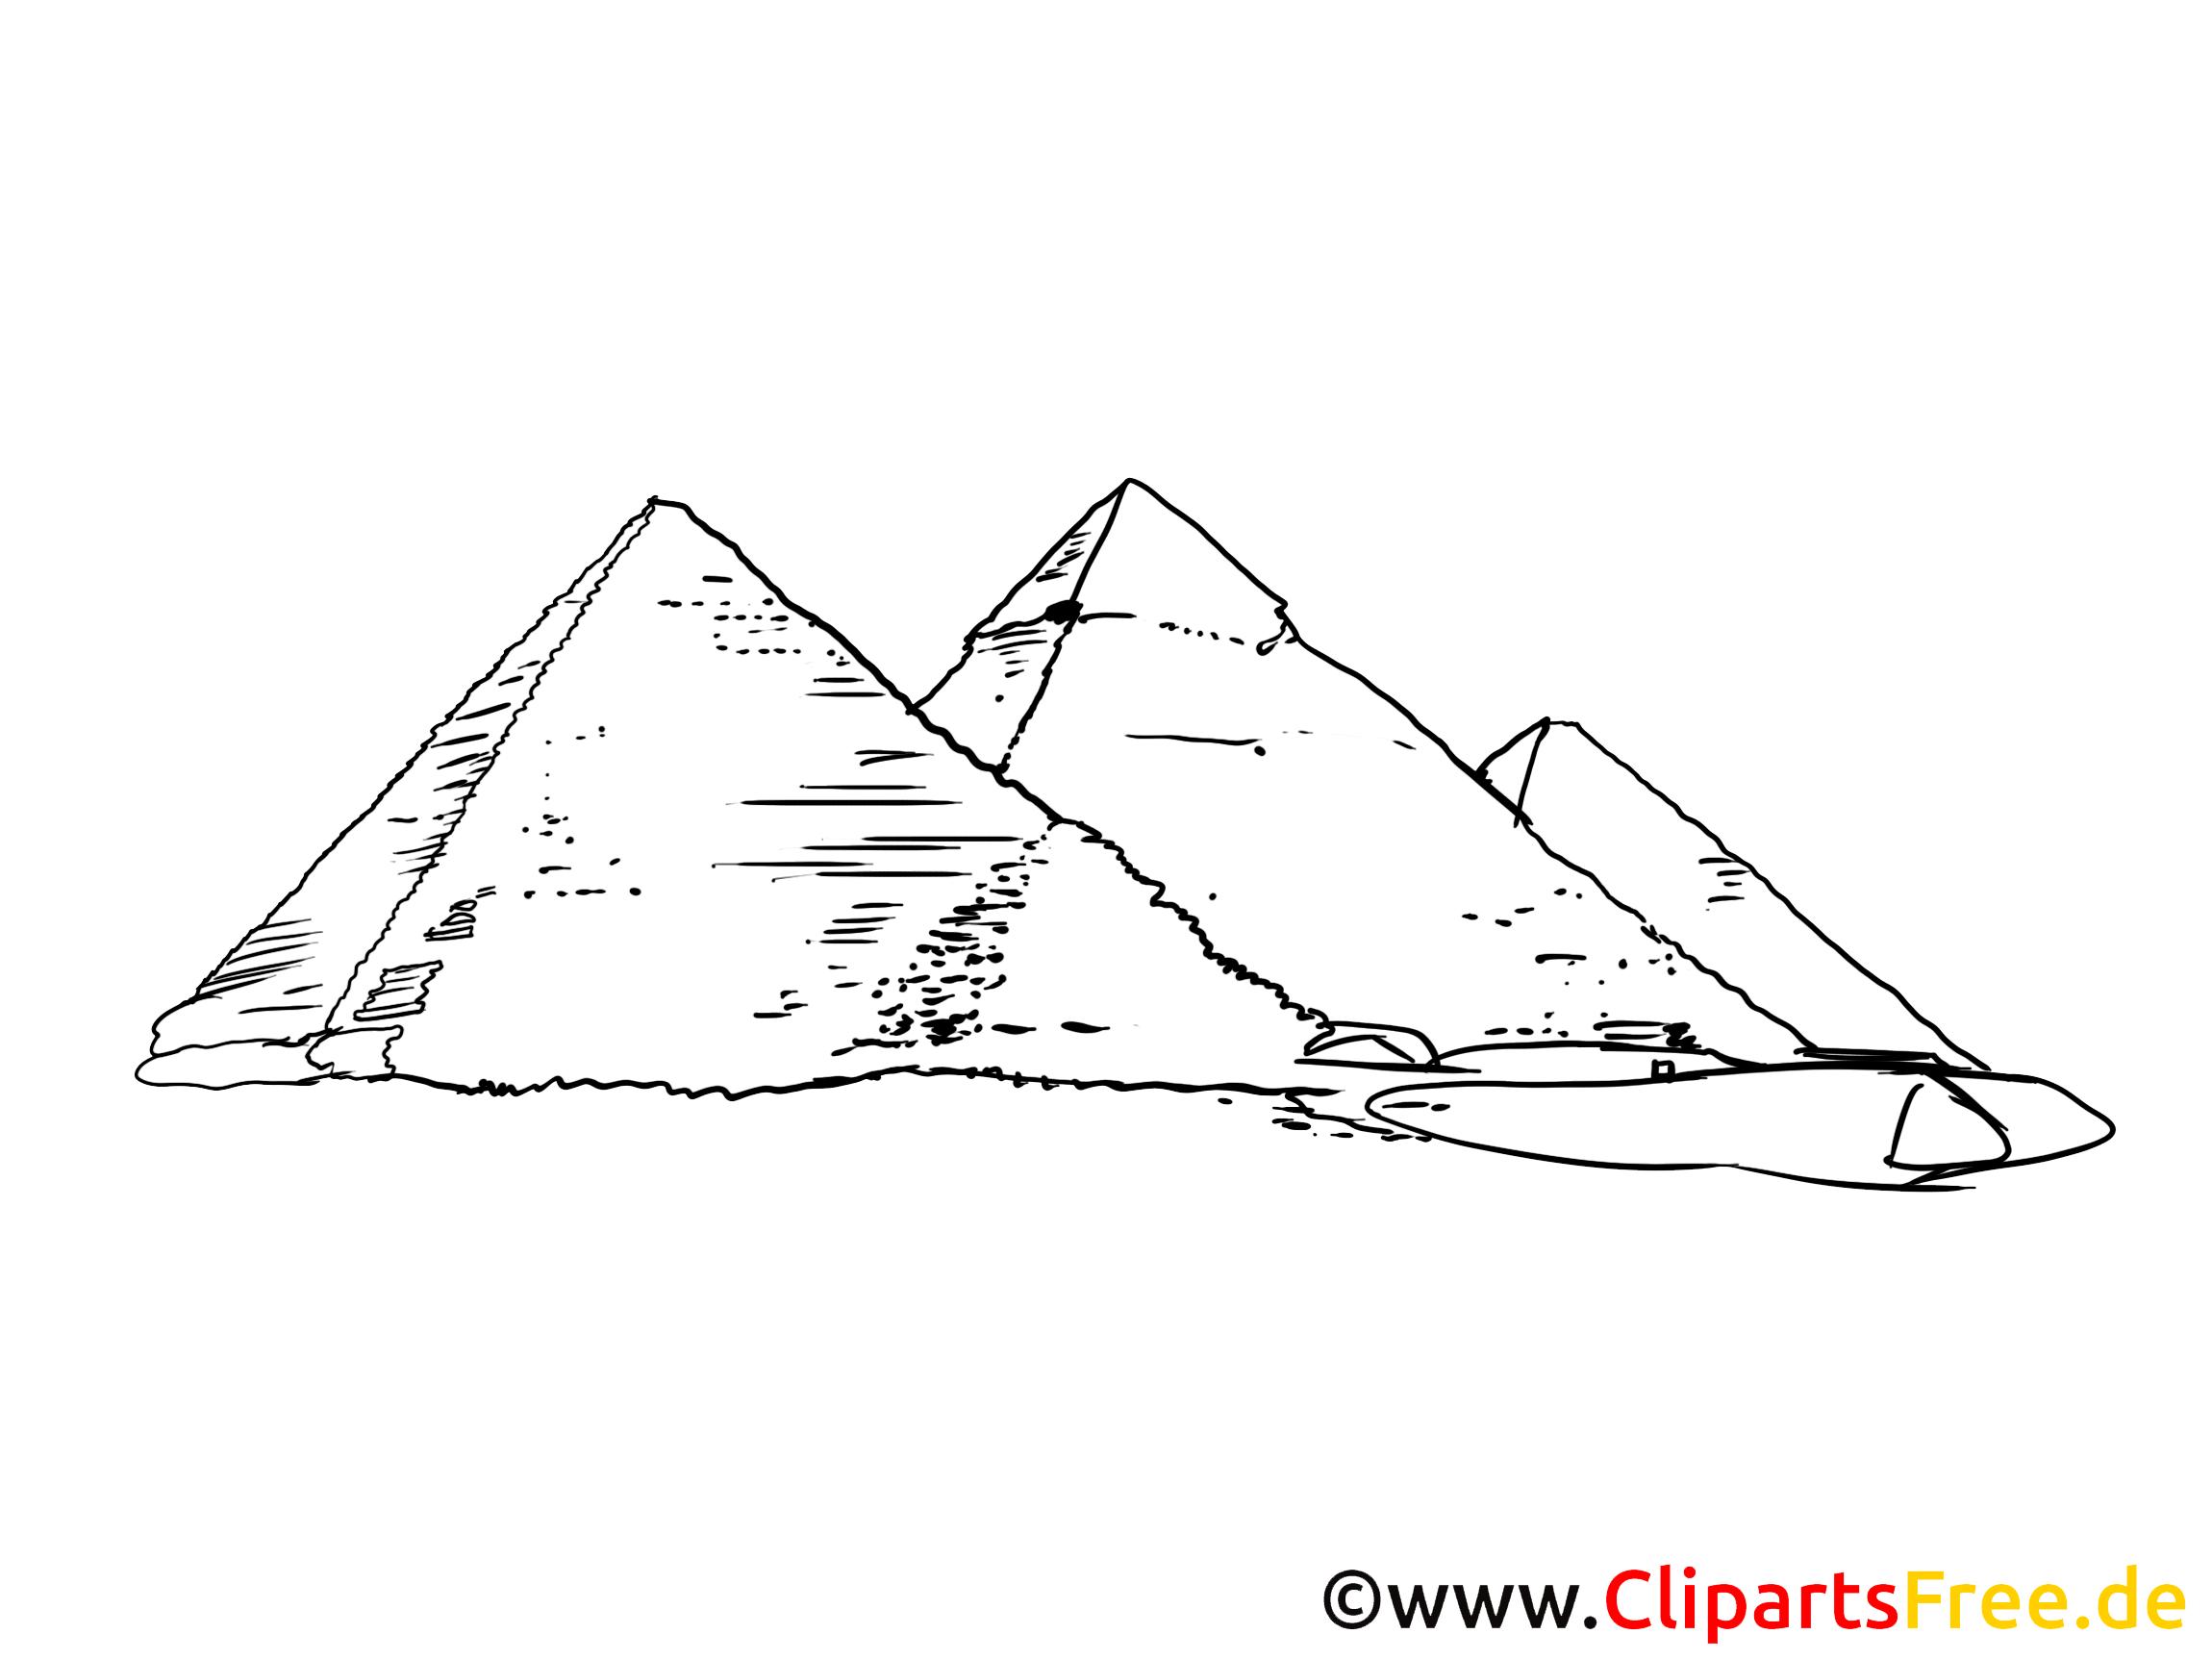 Pyramiden Bild Zeichnung Clipart Gratis